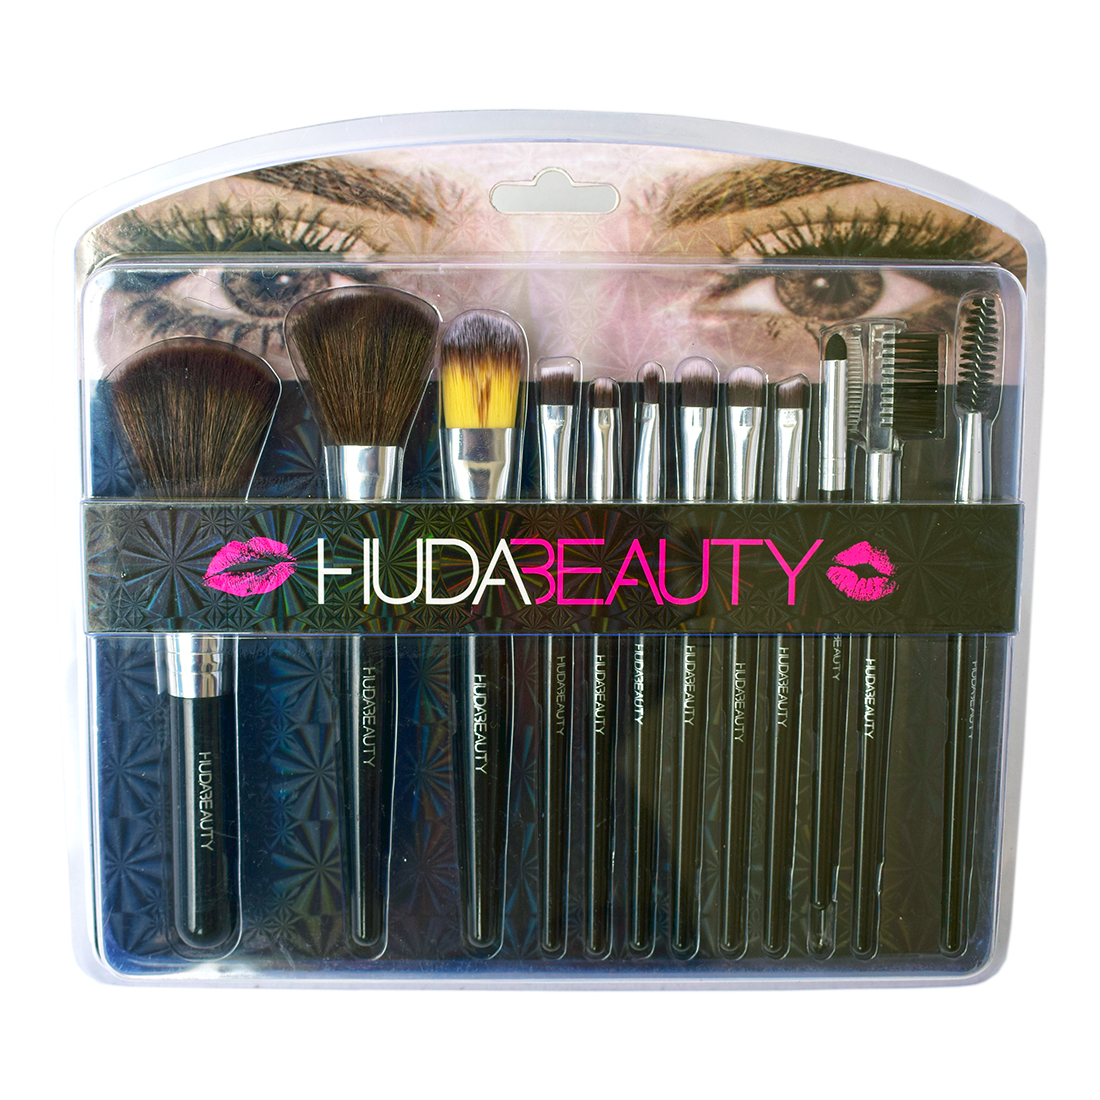 خرید پستی  ست براش هودا بیوتی huda beauty